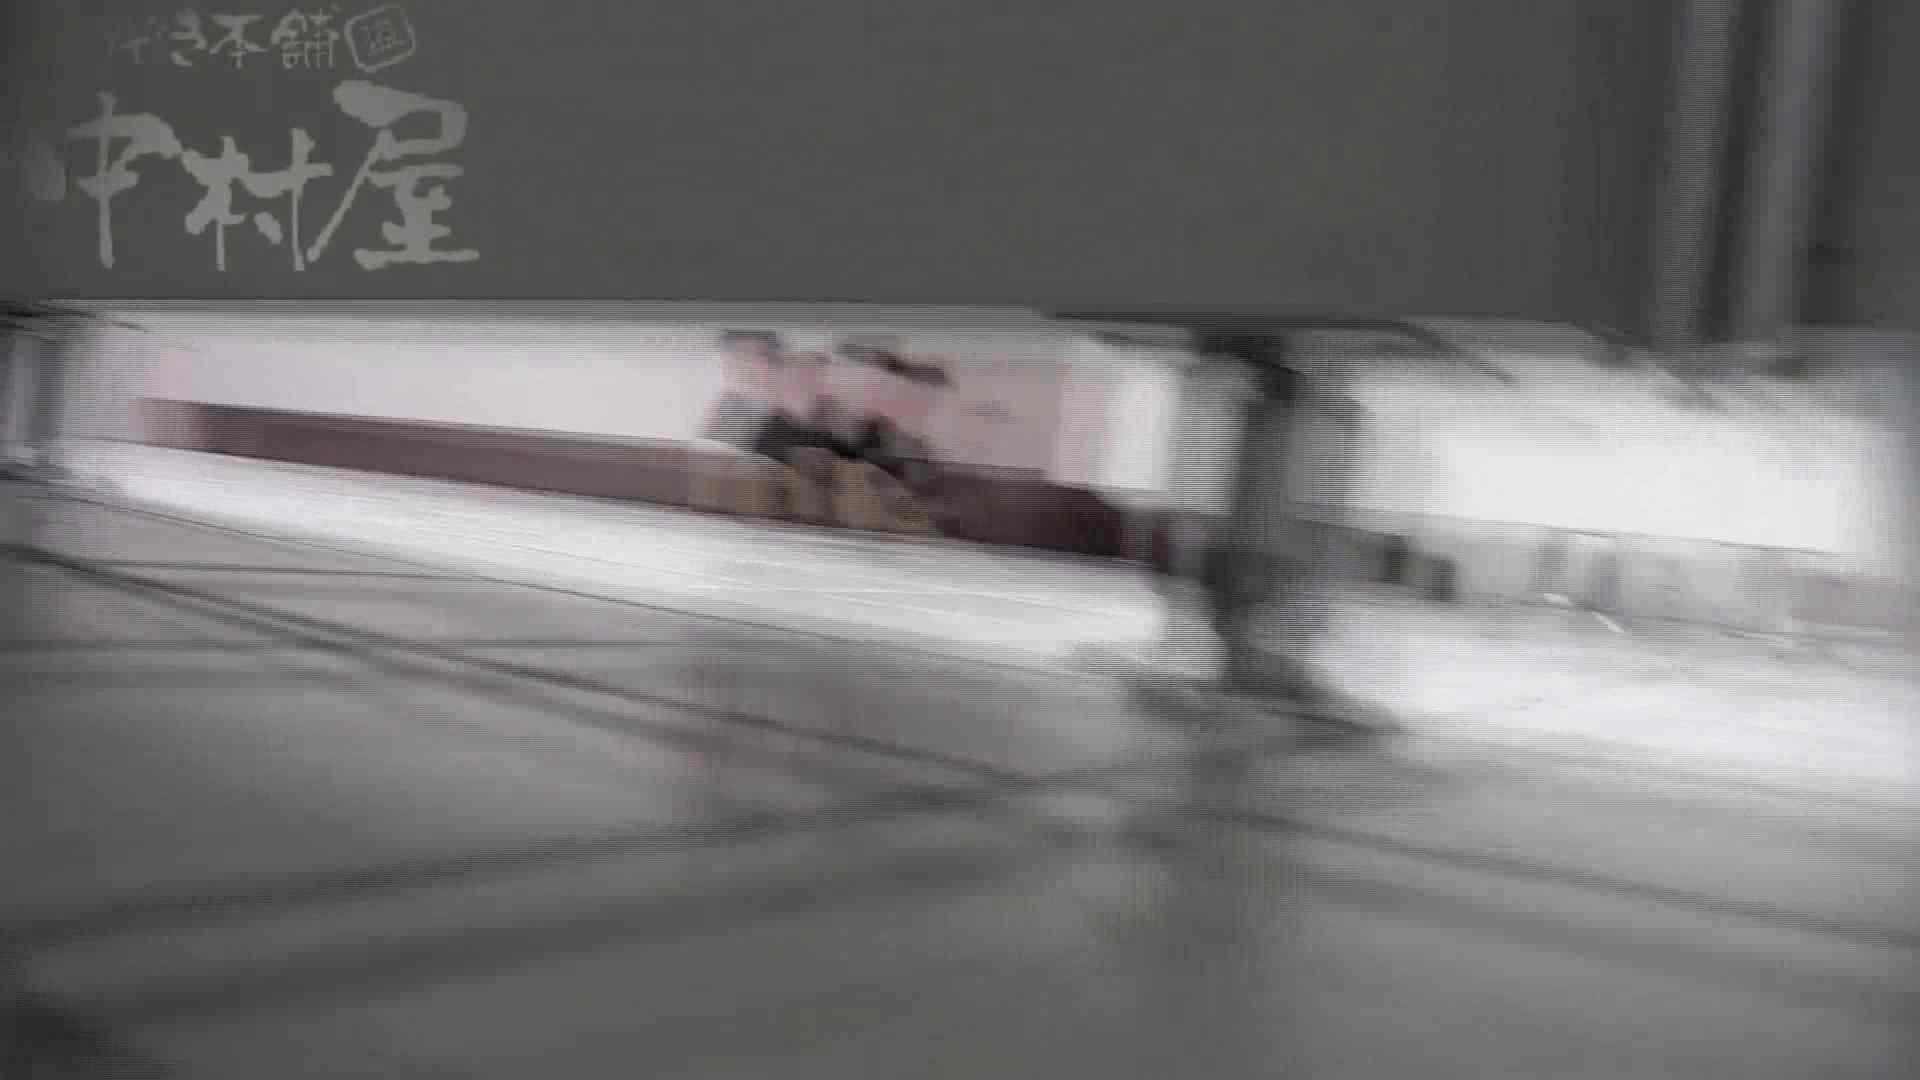 美しい日本の未来 No.35 最長時間更新更に強者登場 乙女のエロ動画 AV無料 108PIX 24